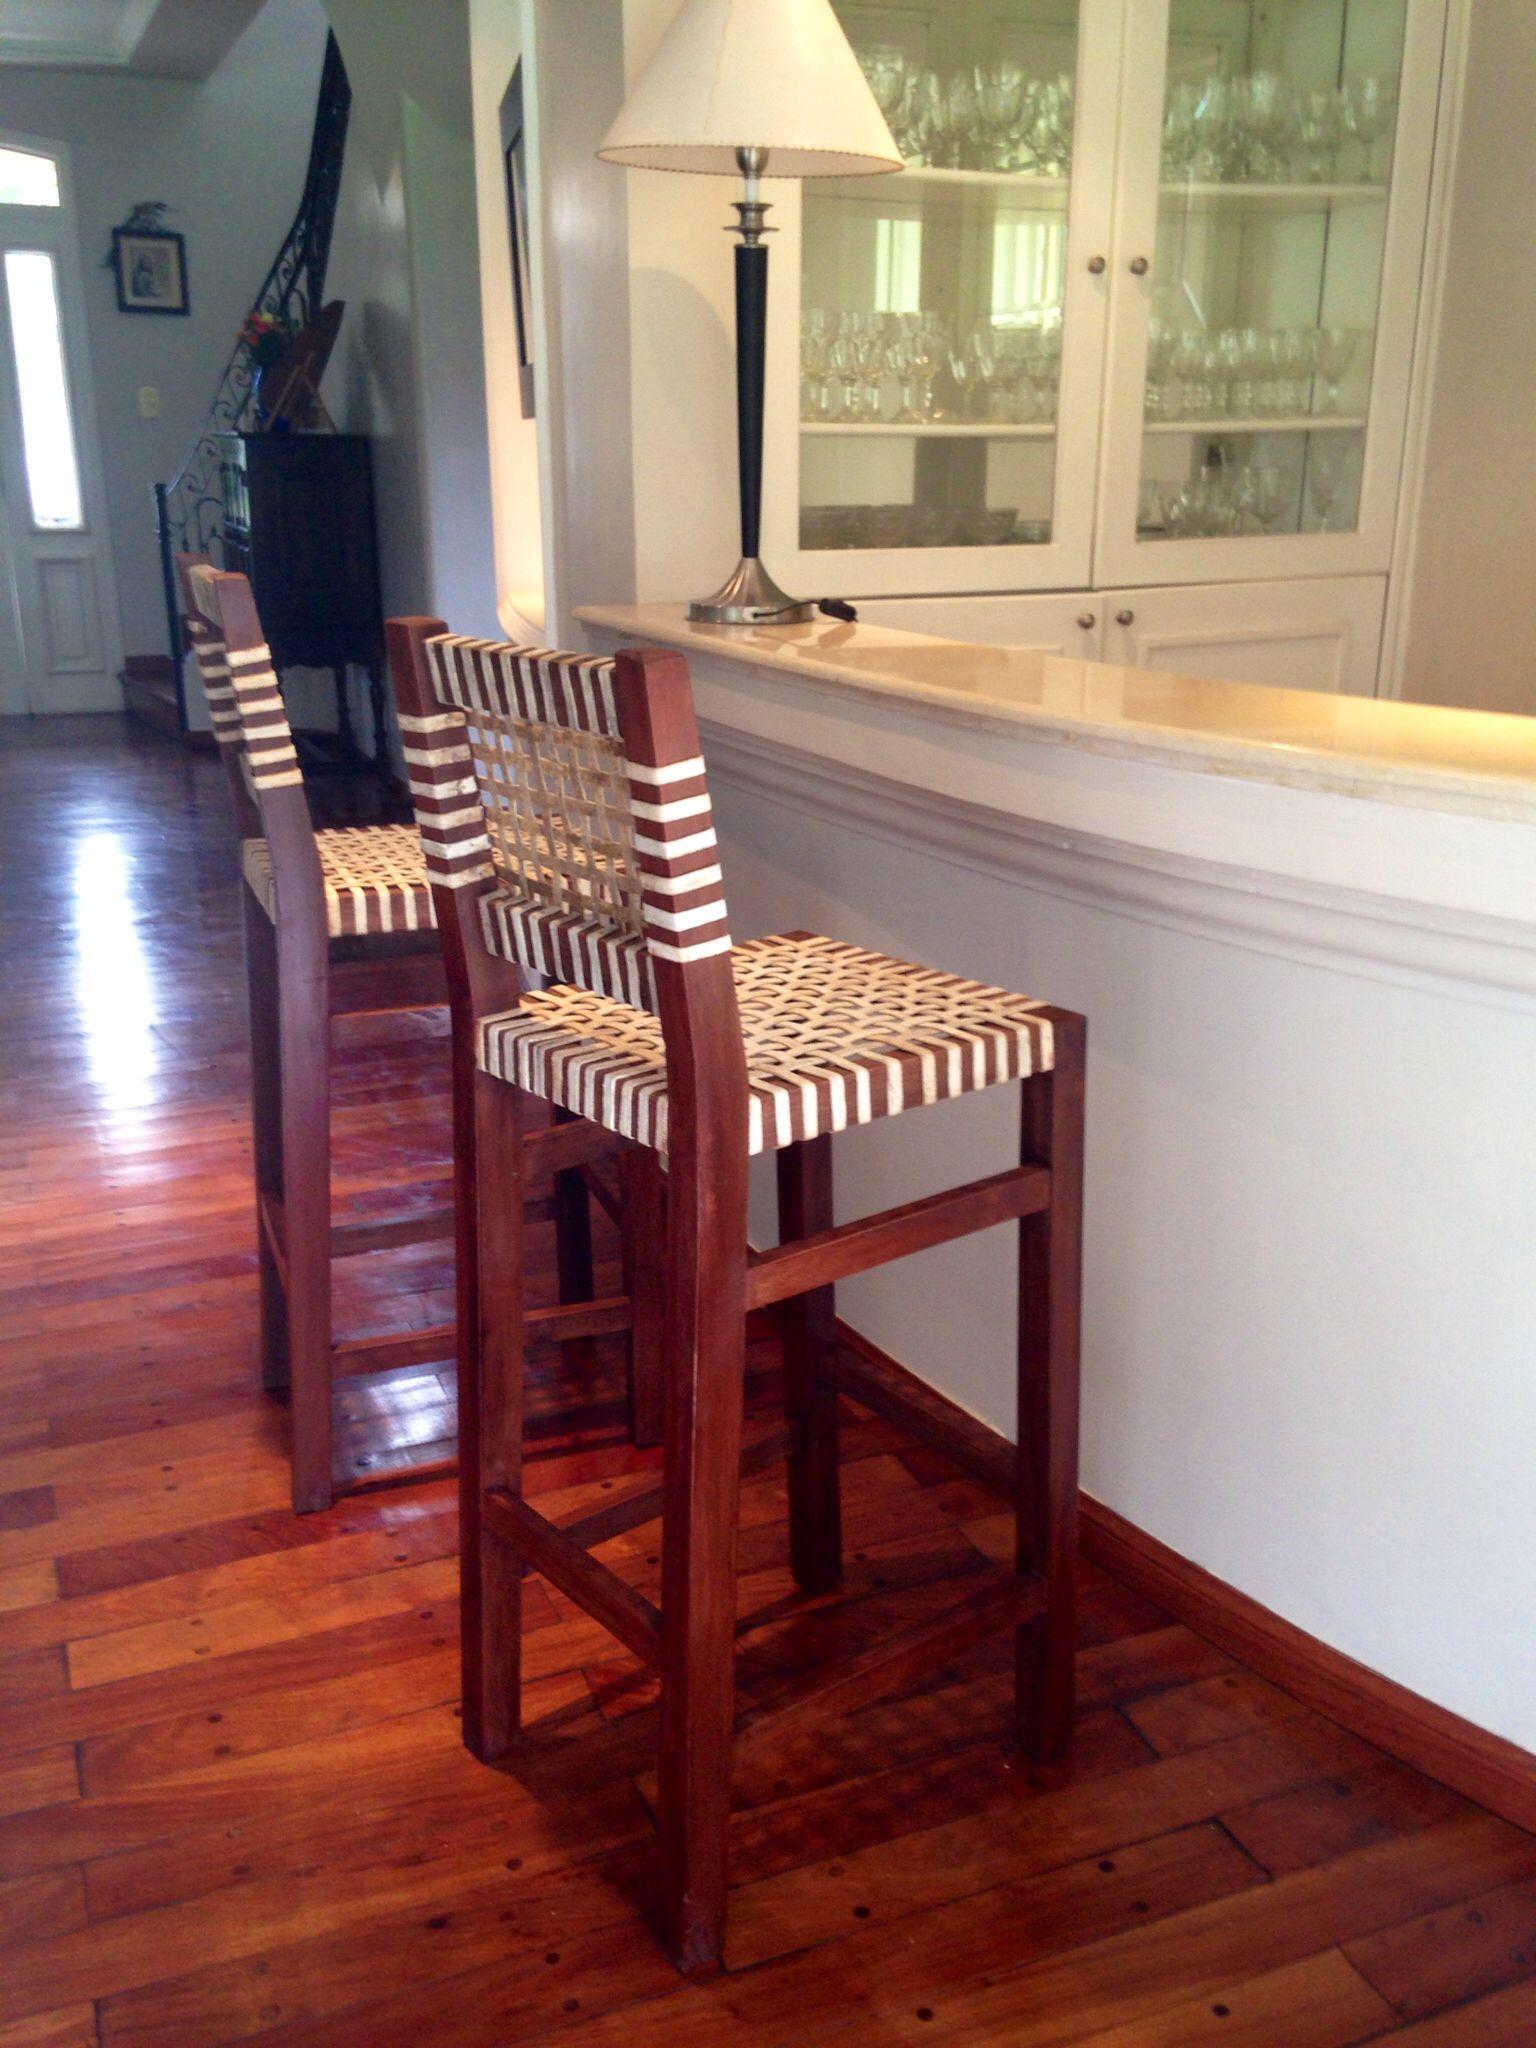 Banquetas altas para bar muebles rusticos madera y cuero for Sillas de madera para bar